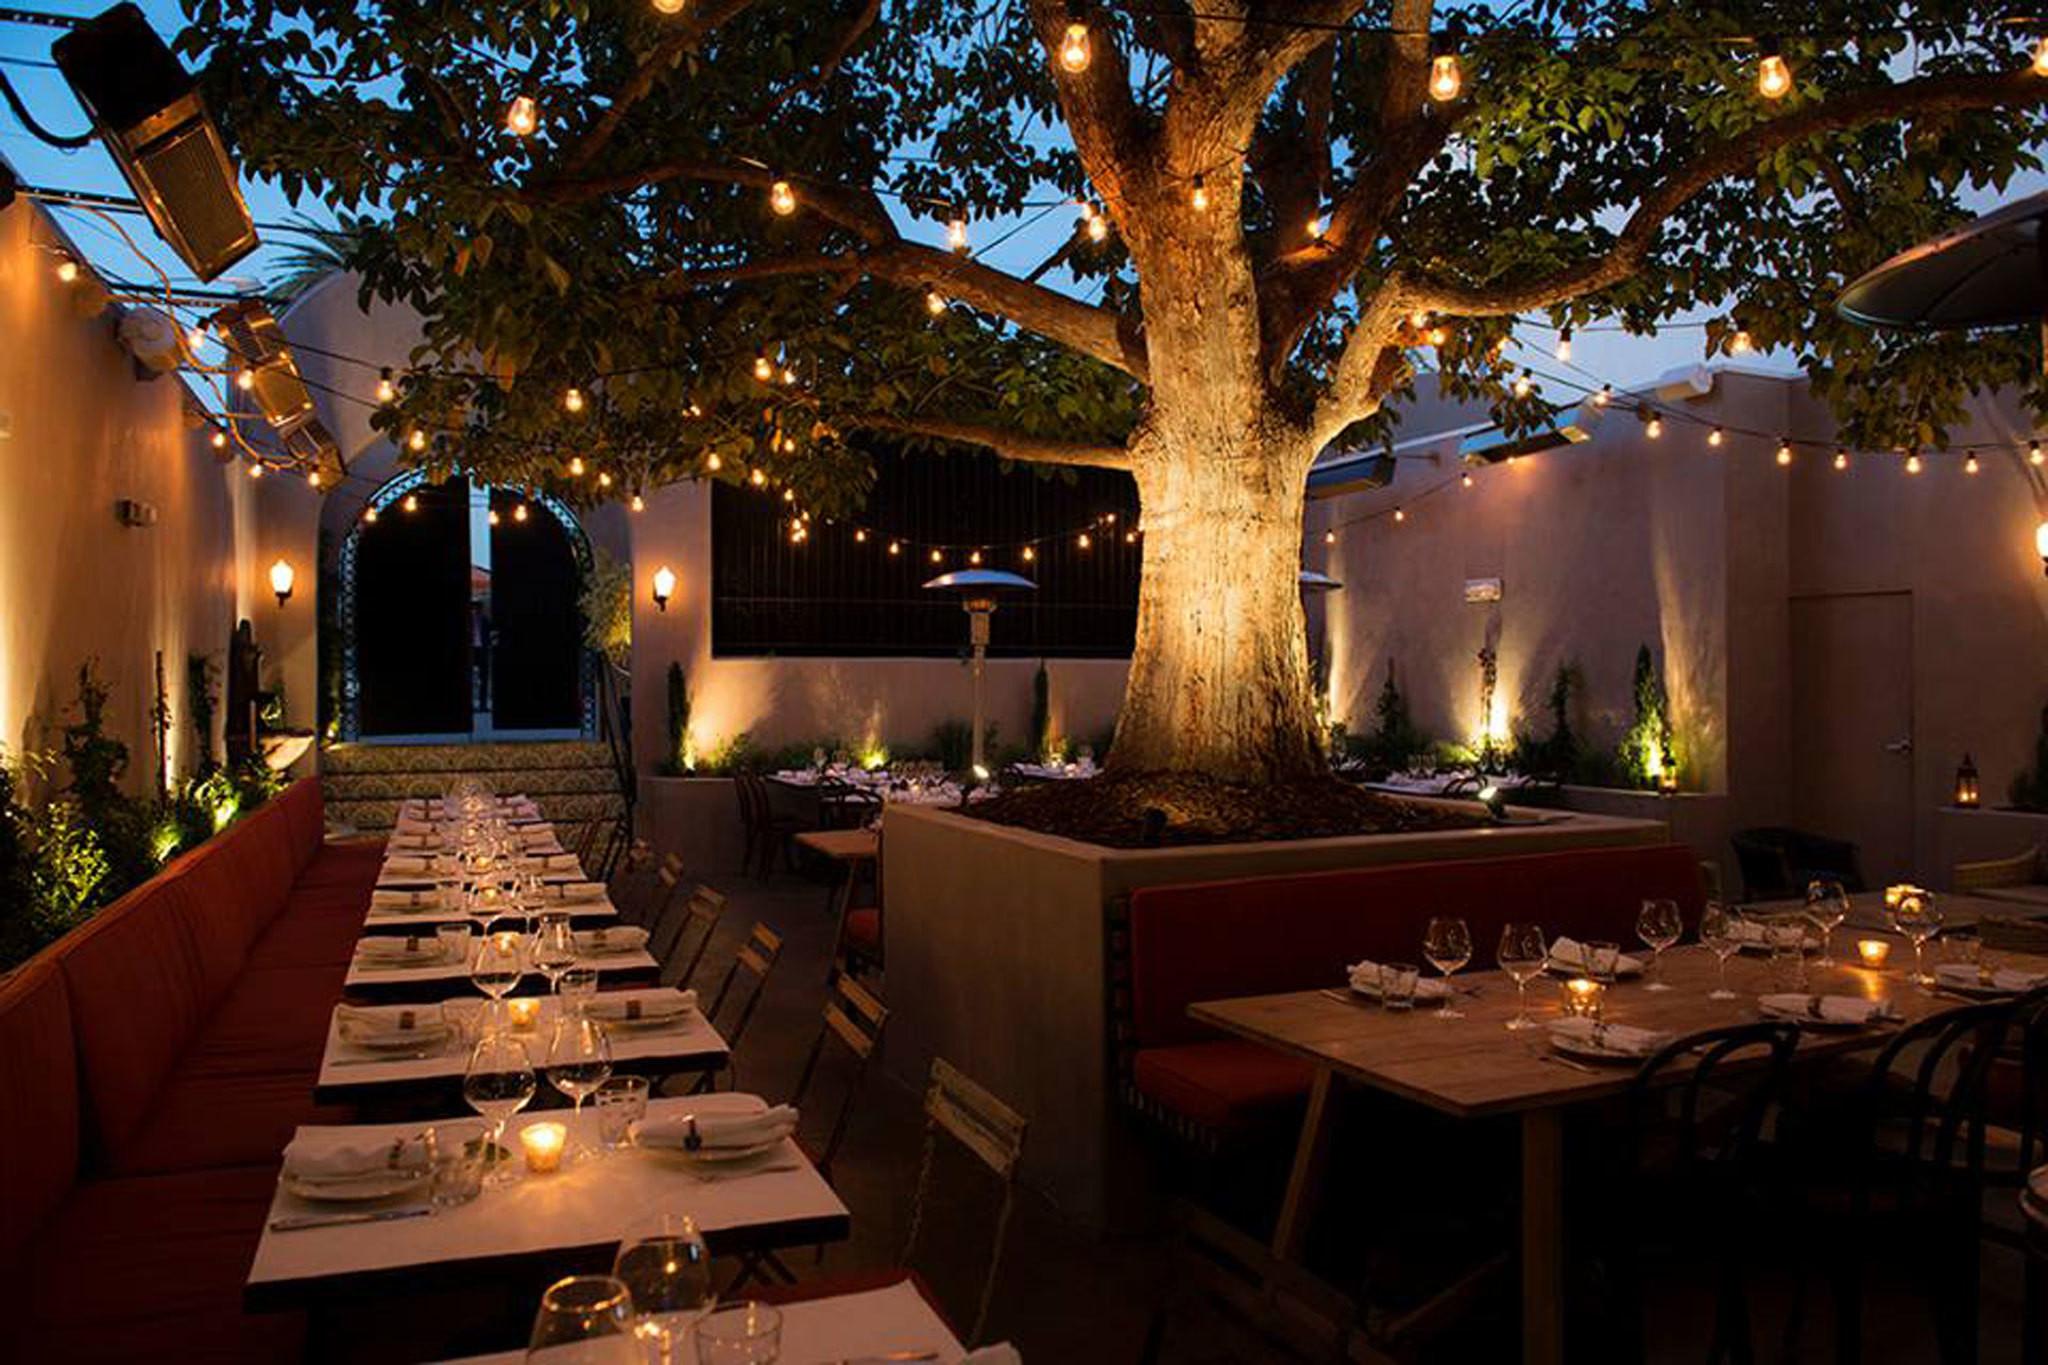 Thanksgiving Dinner Restaurant  Best restaurants for Thanksgiving dinner in Los Angeles